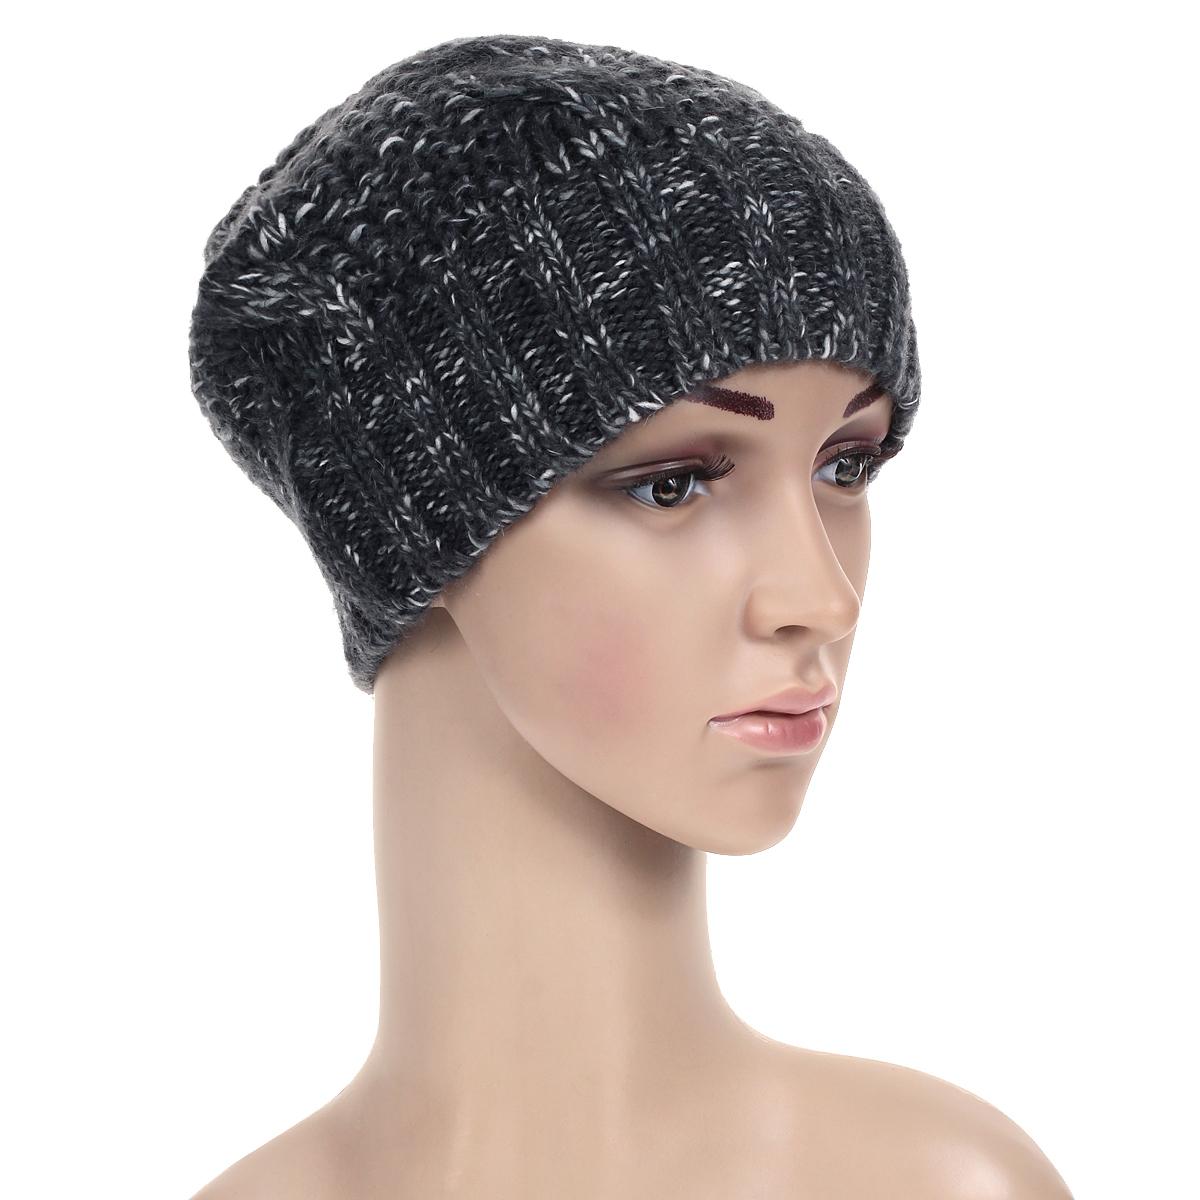 Шапка женская. 42584258Стильная женская шапка Noryalli - теплая модель для холодной погоды. Сочетание различных материалов обеспечивает сохранение тепла и удобную посадку. Шапка выполнена оригинальной вязкой и оформлена кожаной эмблемой с логотипом бренда. Такая шапка - комфортная защита от холода.